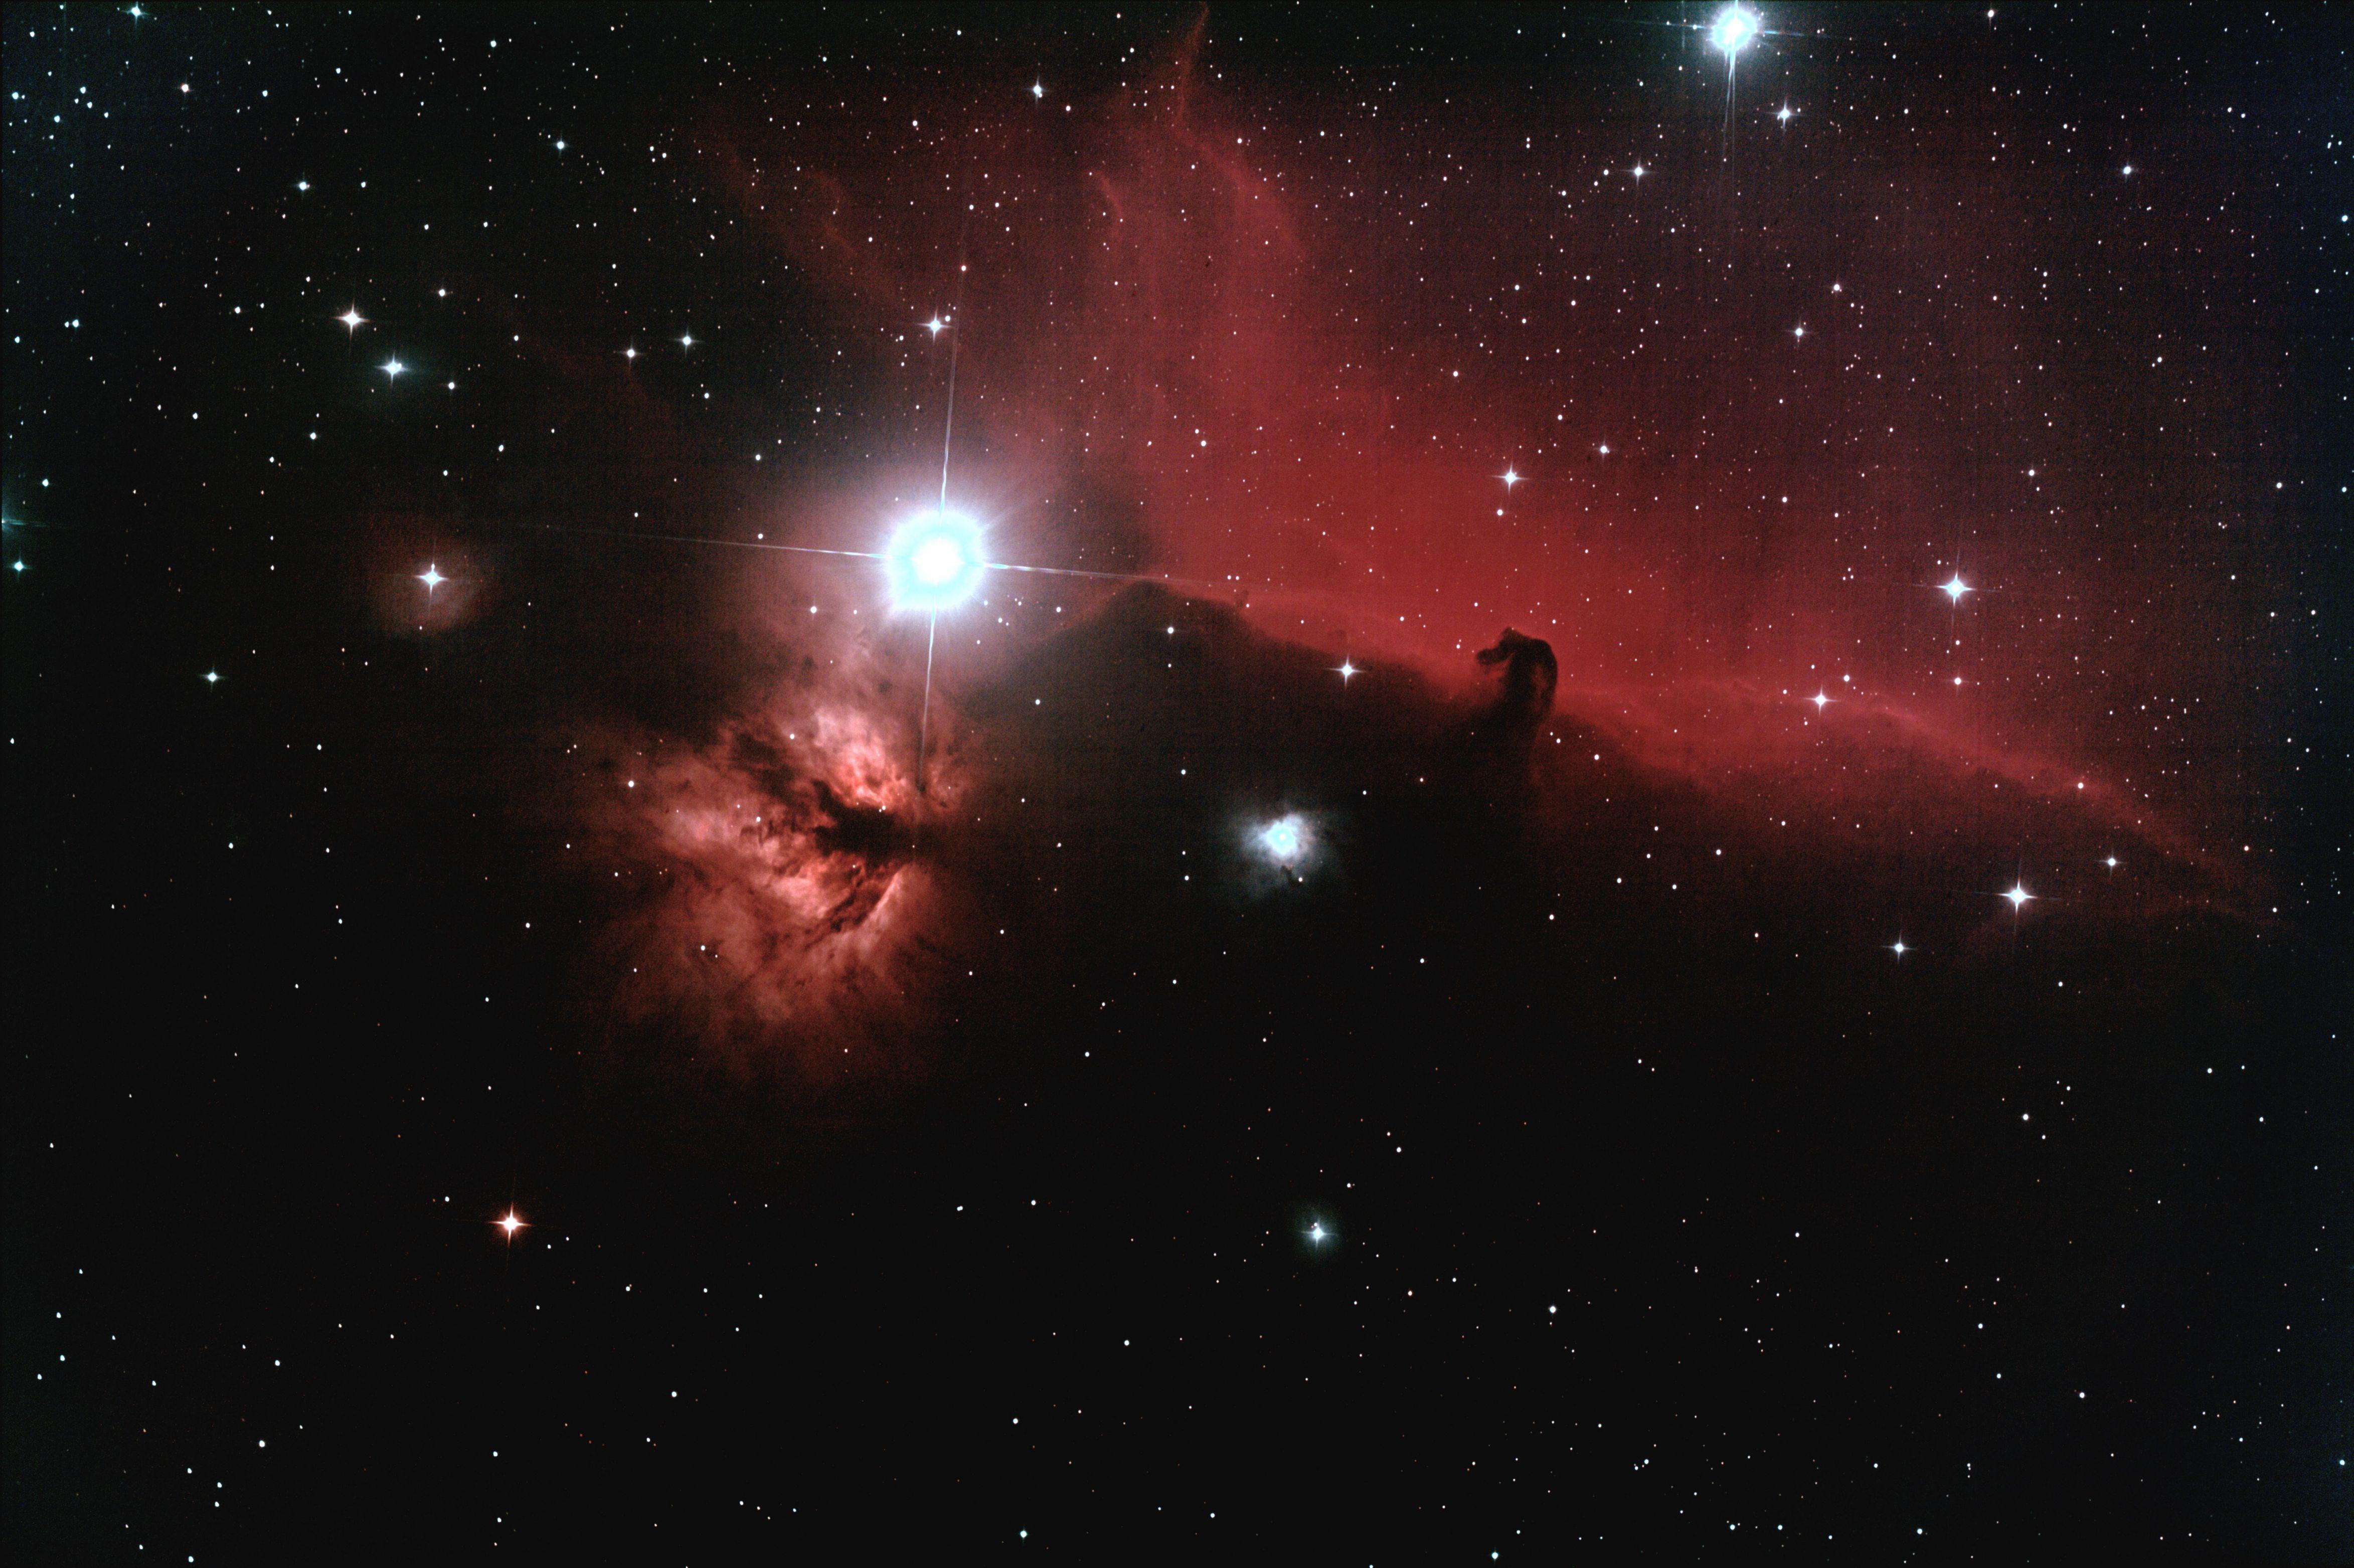 IC 434 & NGC 2024